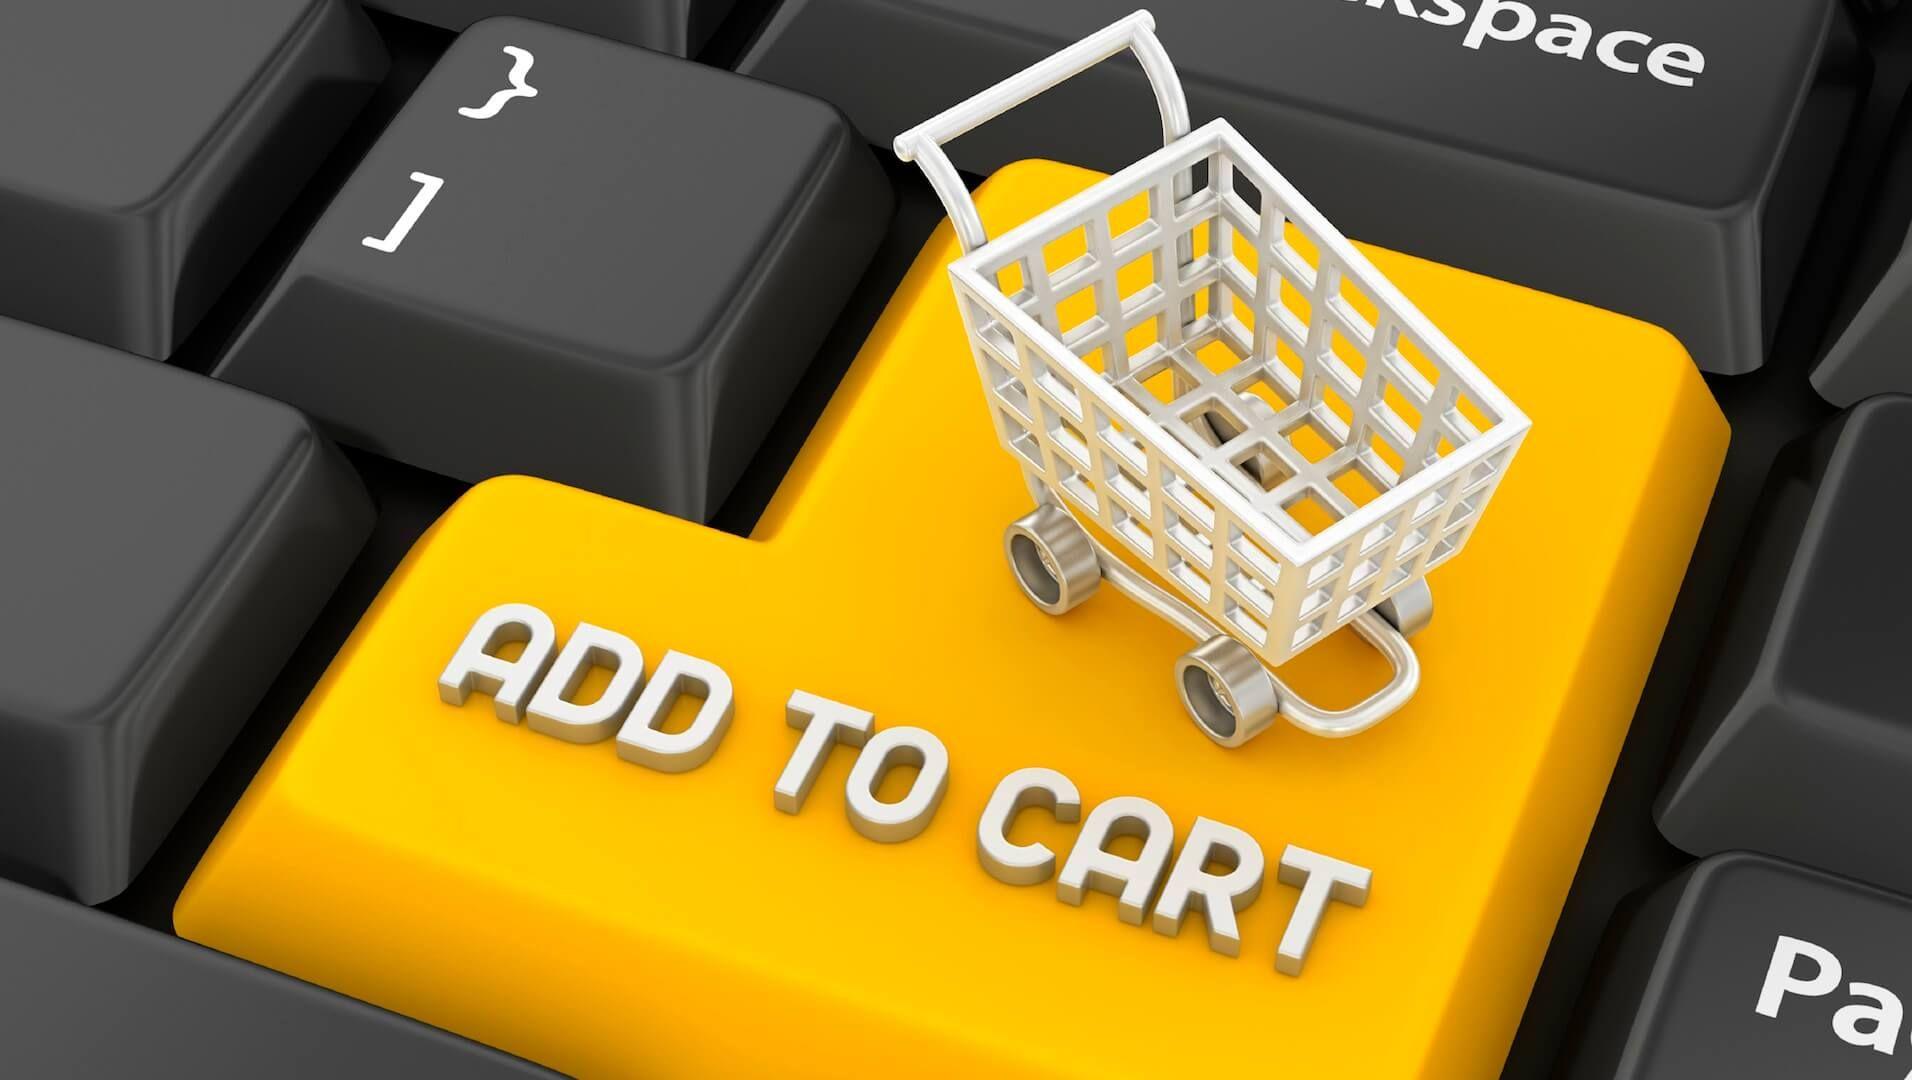 Best Online Shopping Cart|3dcart Shopping Cart|Shopping Cart